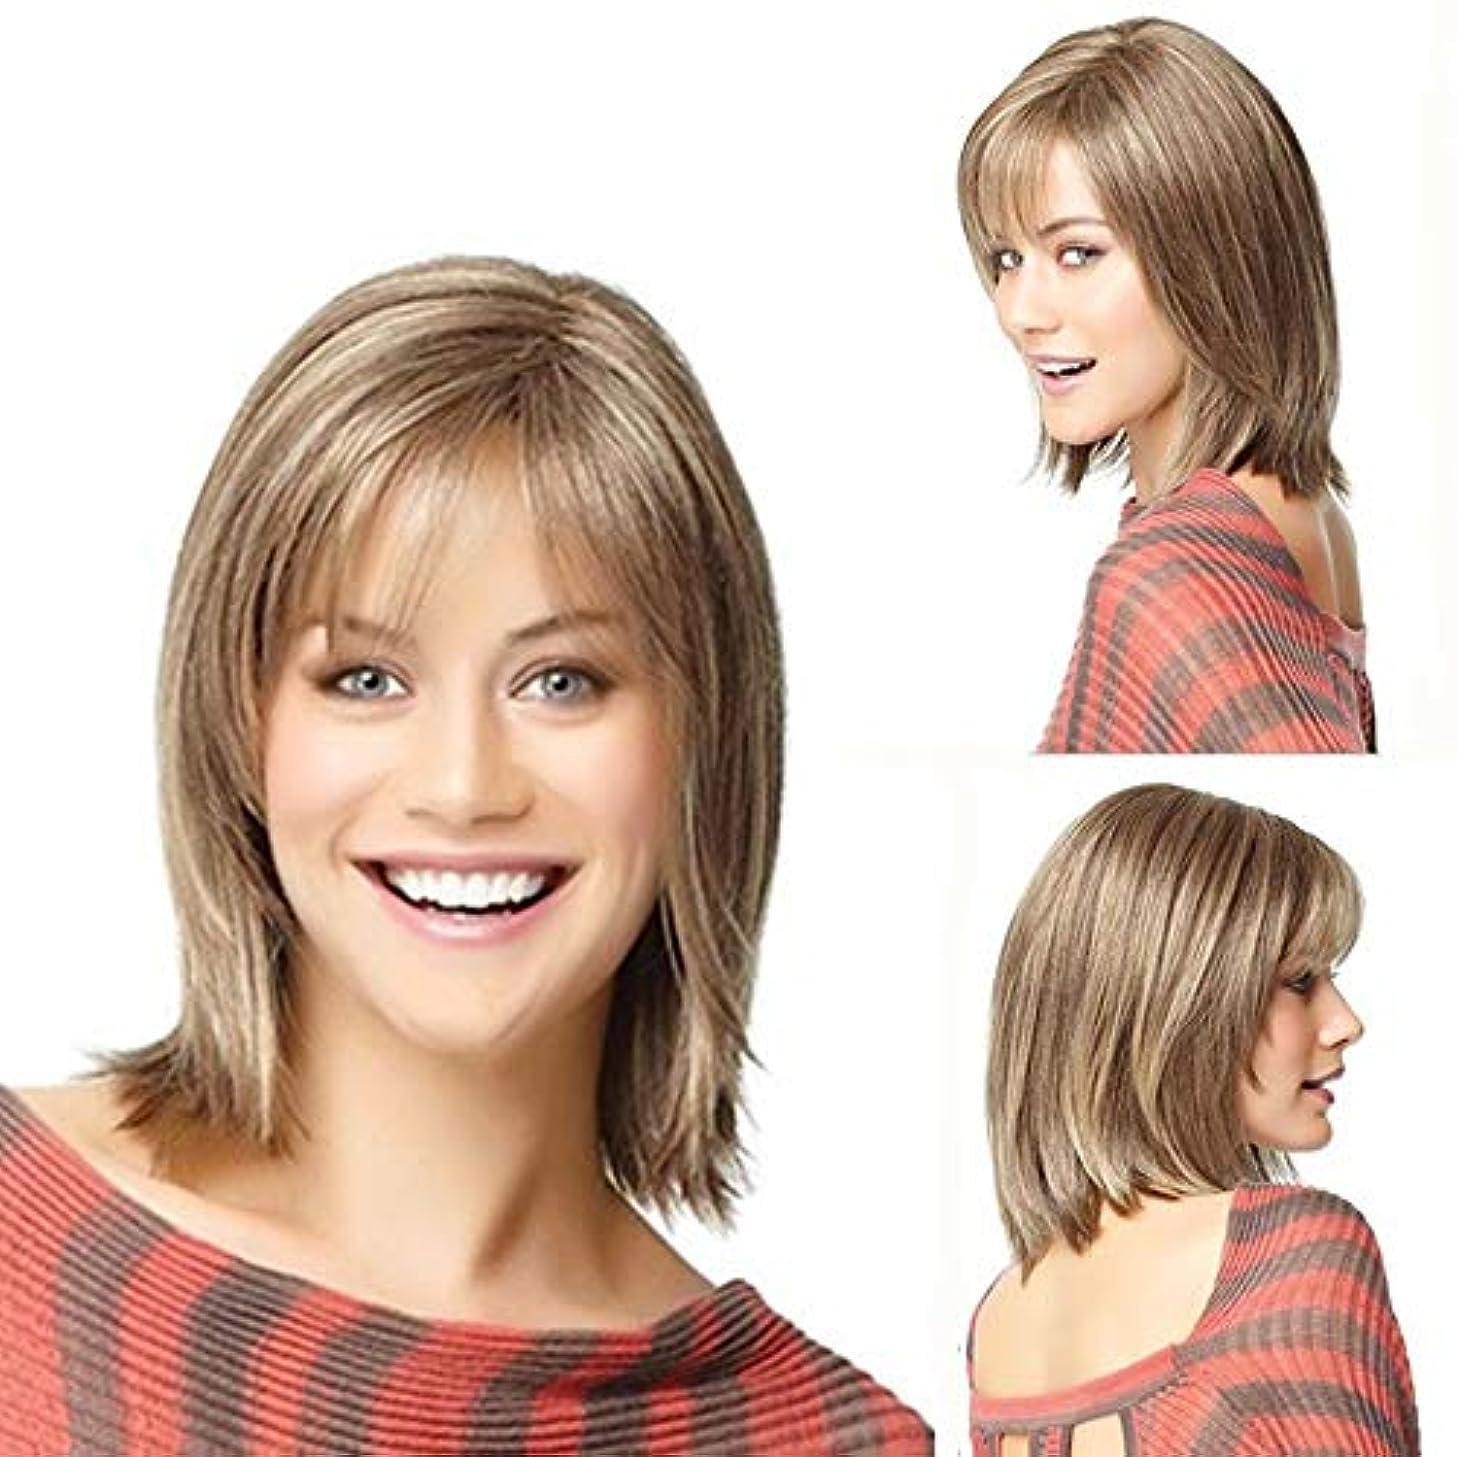 承知しました恥鉄WASAIO 女性のショートカーリーウィッグブロンド前髪付きストレートボブストレートヘア (色 : Blonde)